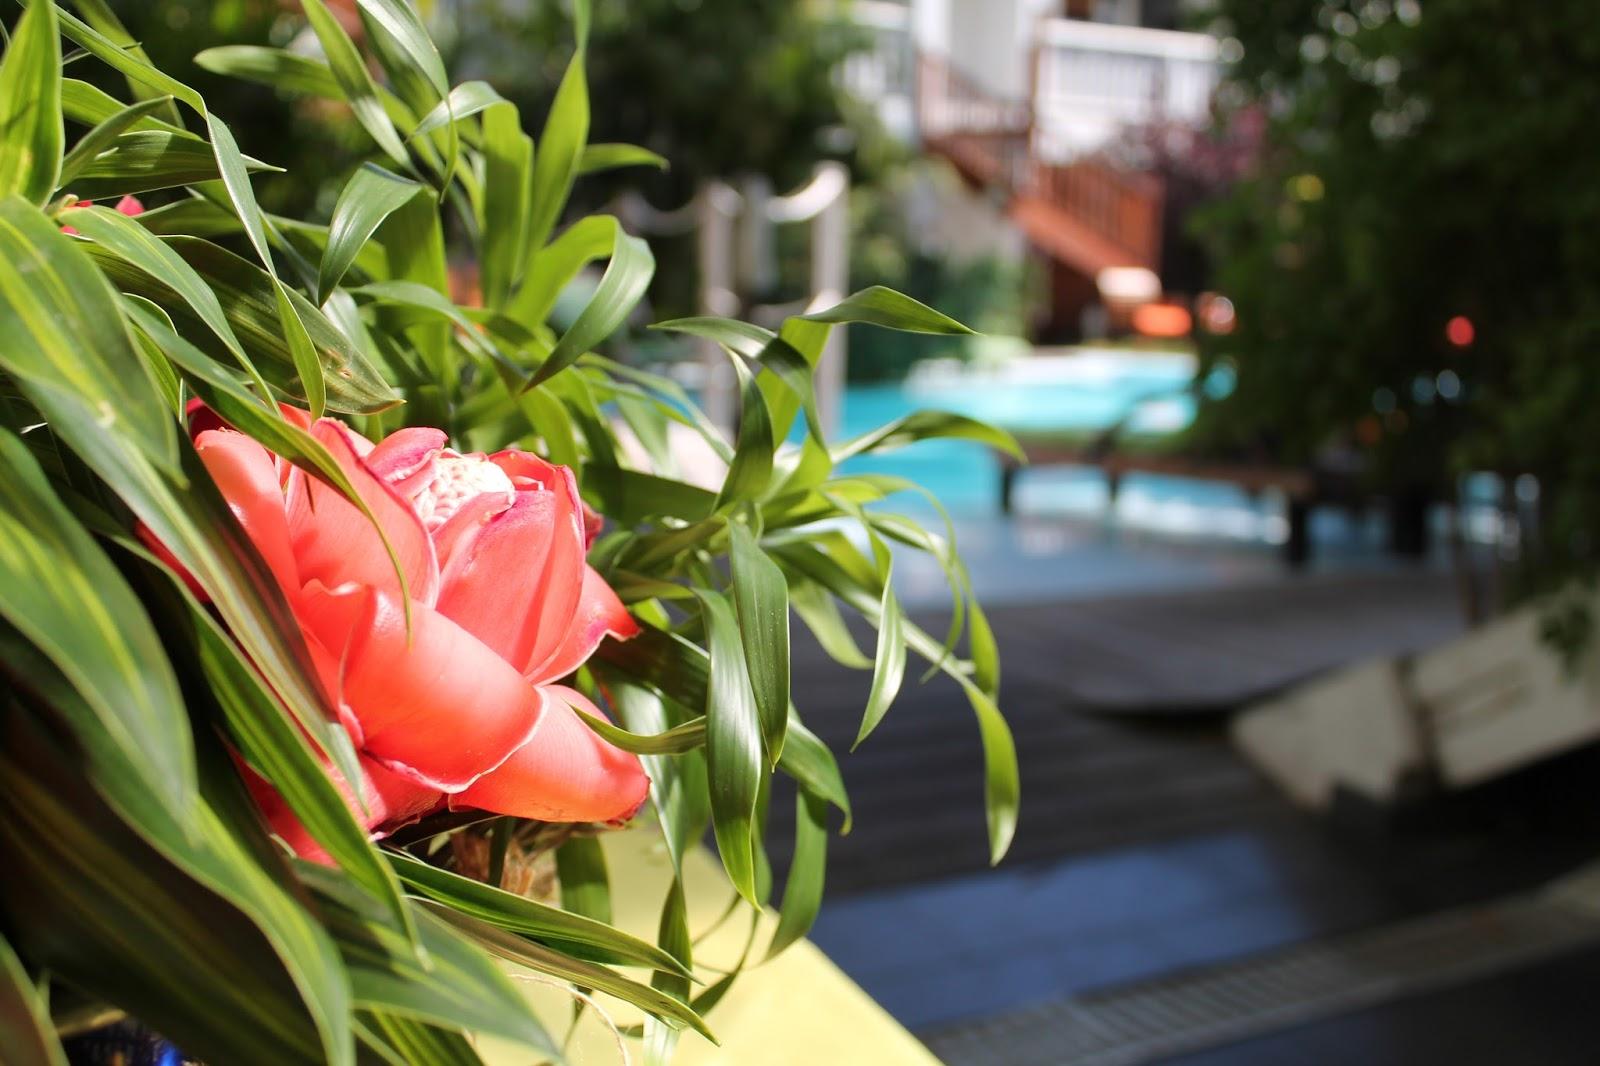 gotoreunion ile de la réunion océan indien lagon hôtel 3 étoiles calme tranquille beau magnifique piscine swalibo plage joli suite chambre séjour rêve les gommettes de melo voyage vacances où loger séjourner